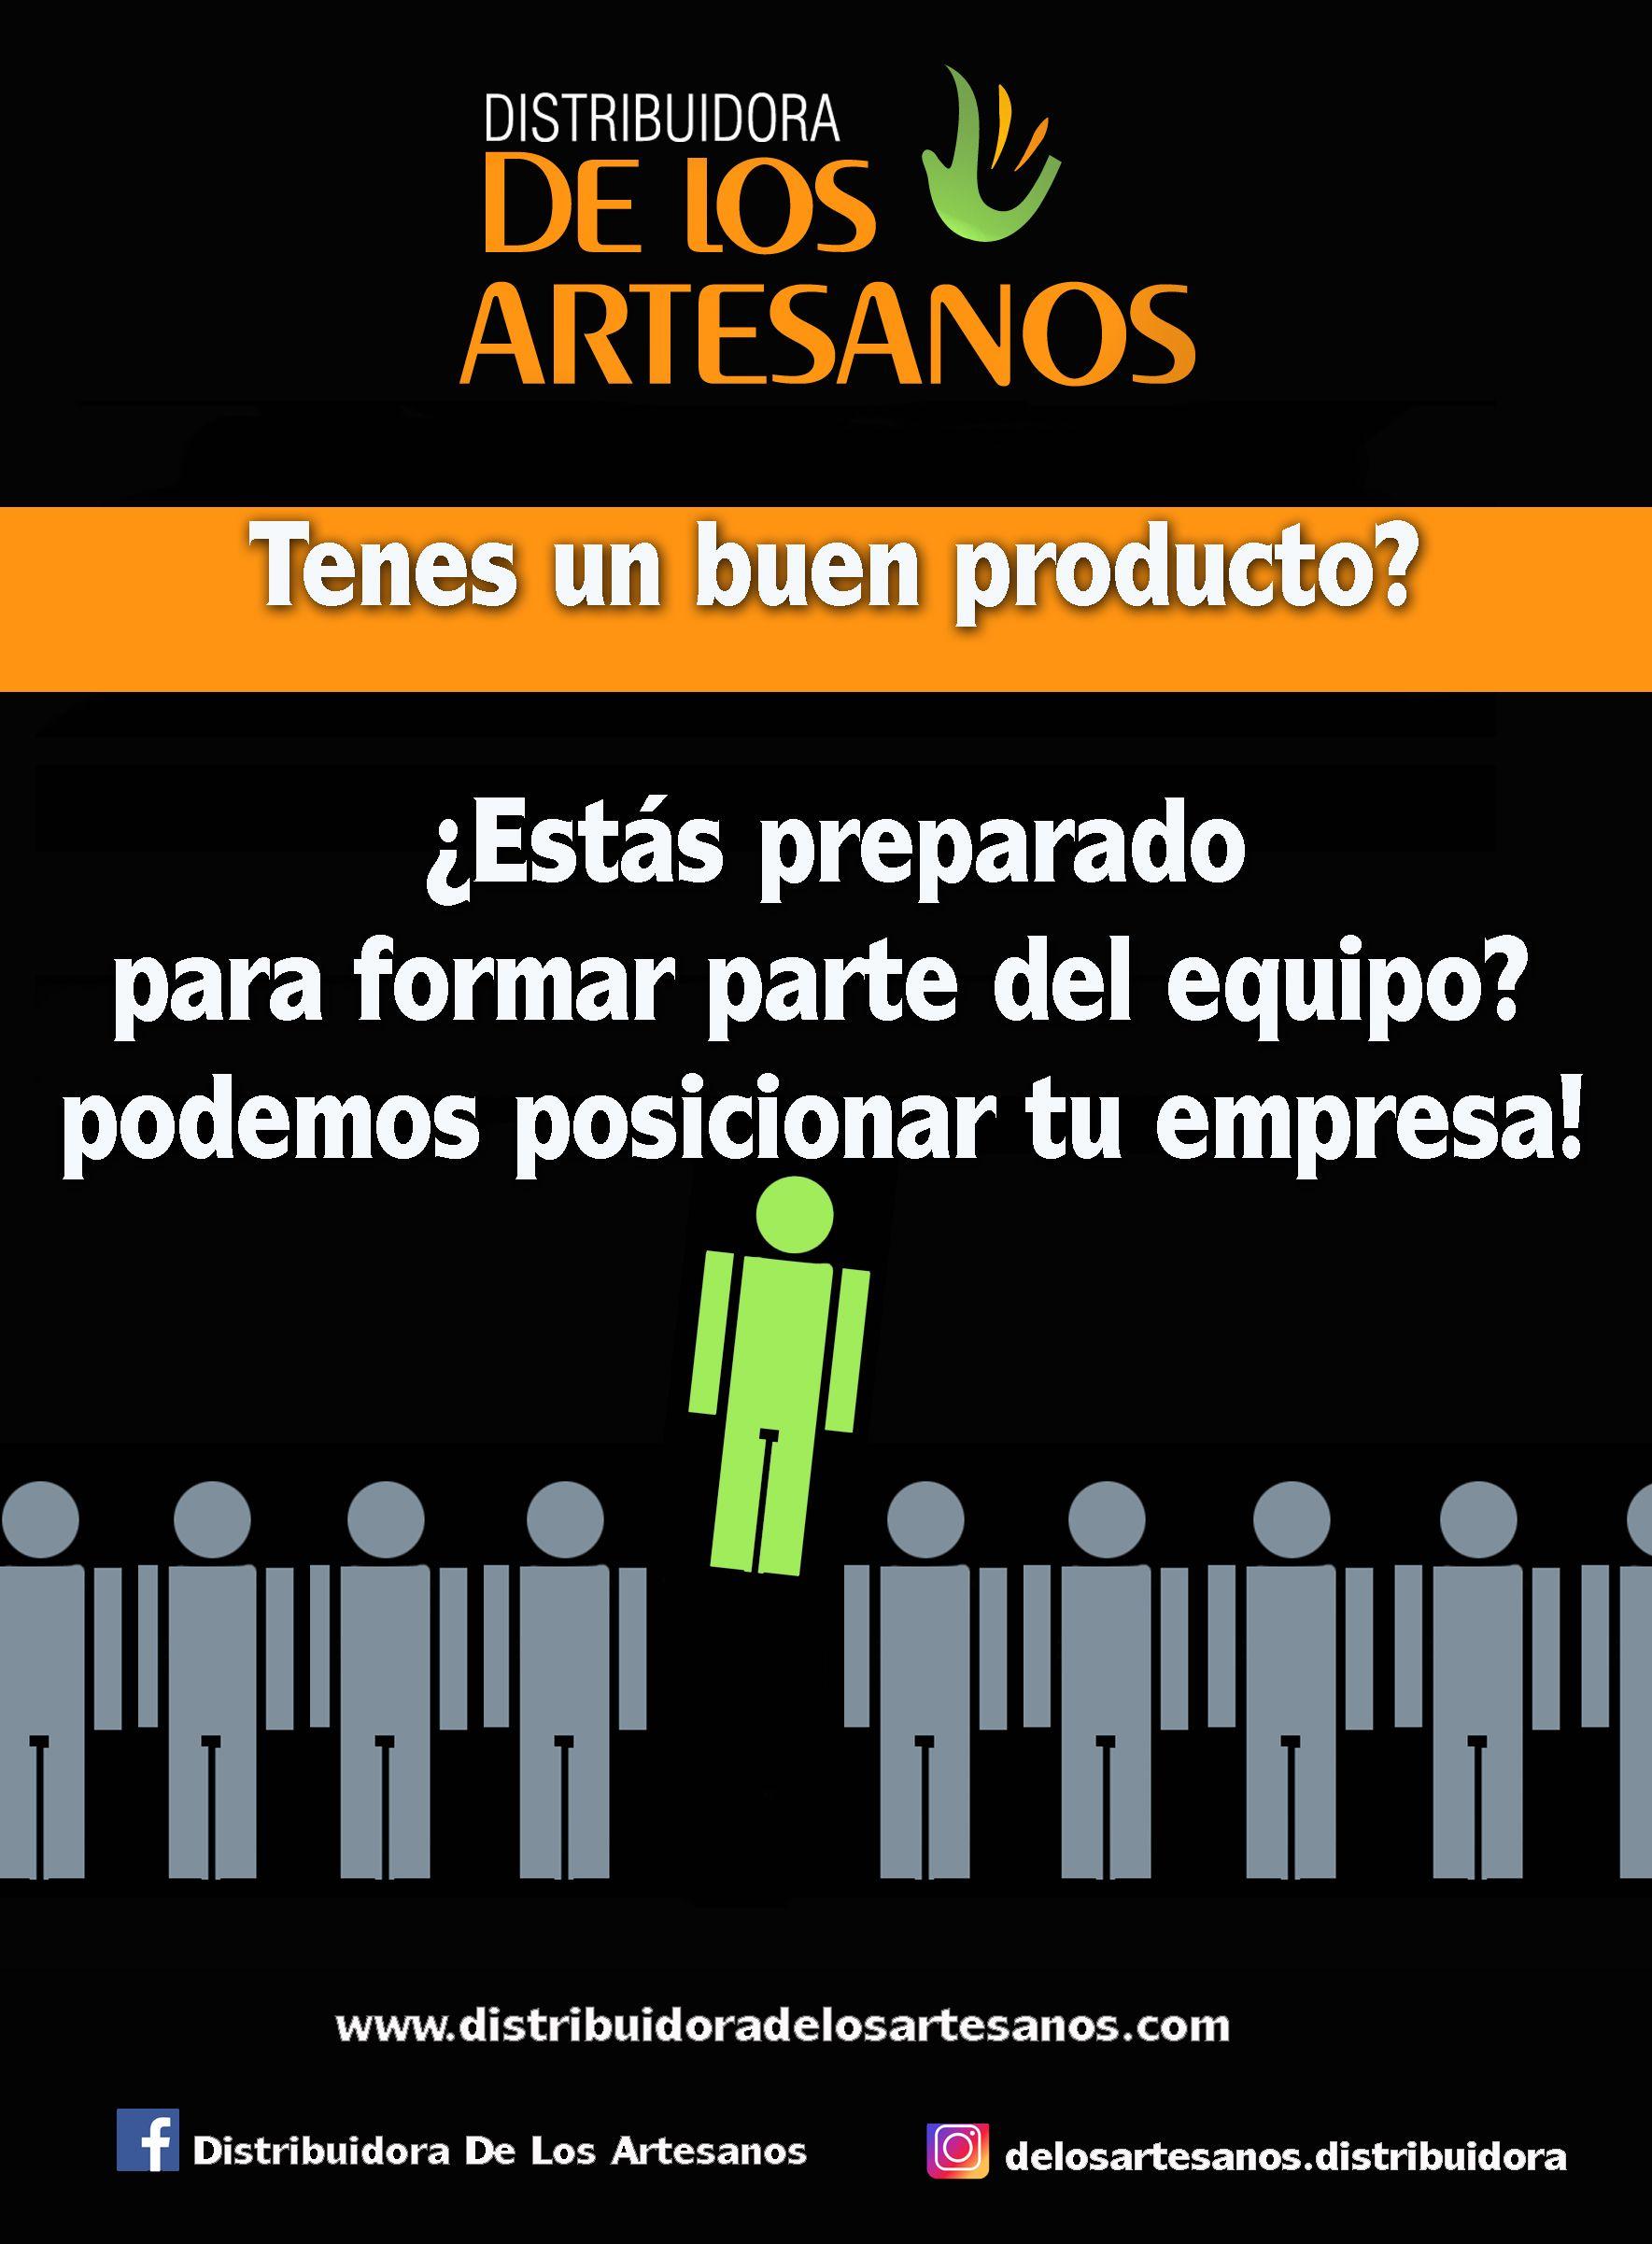 Distribuidora De Los Artesanos Contacto Y Envios Al Interior Linea De Productos Artesanos Tienda Natural Tienda Saludable